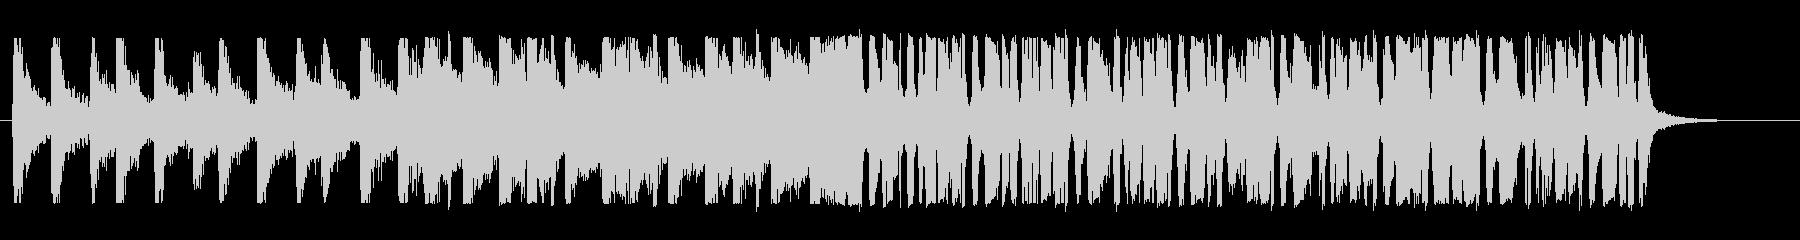 楽観的なファンク の未再生の波形